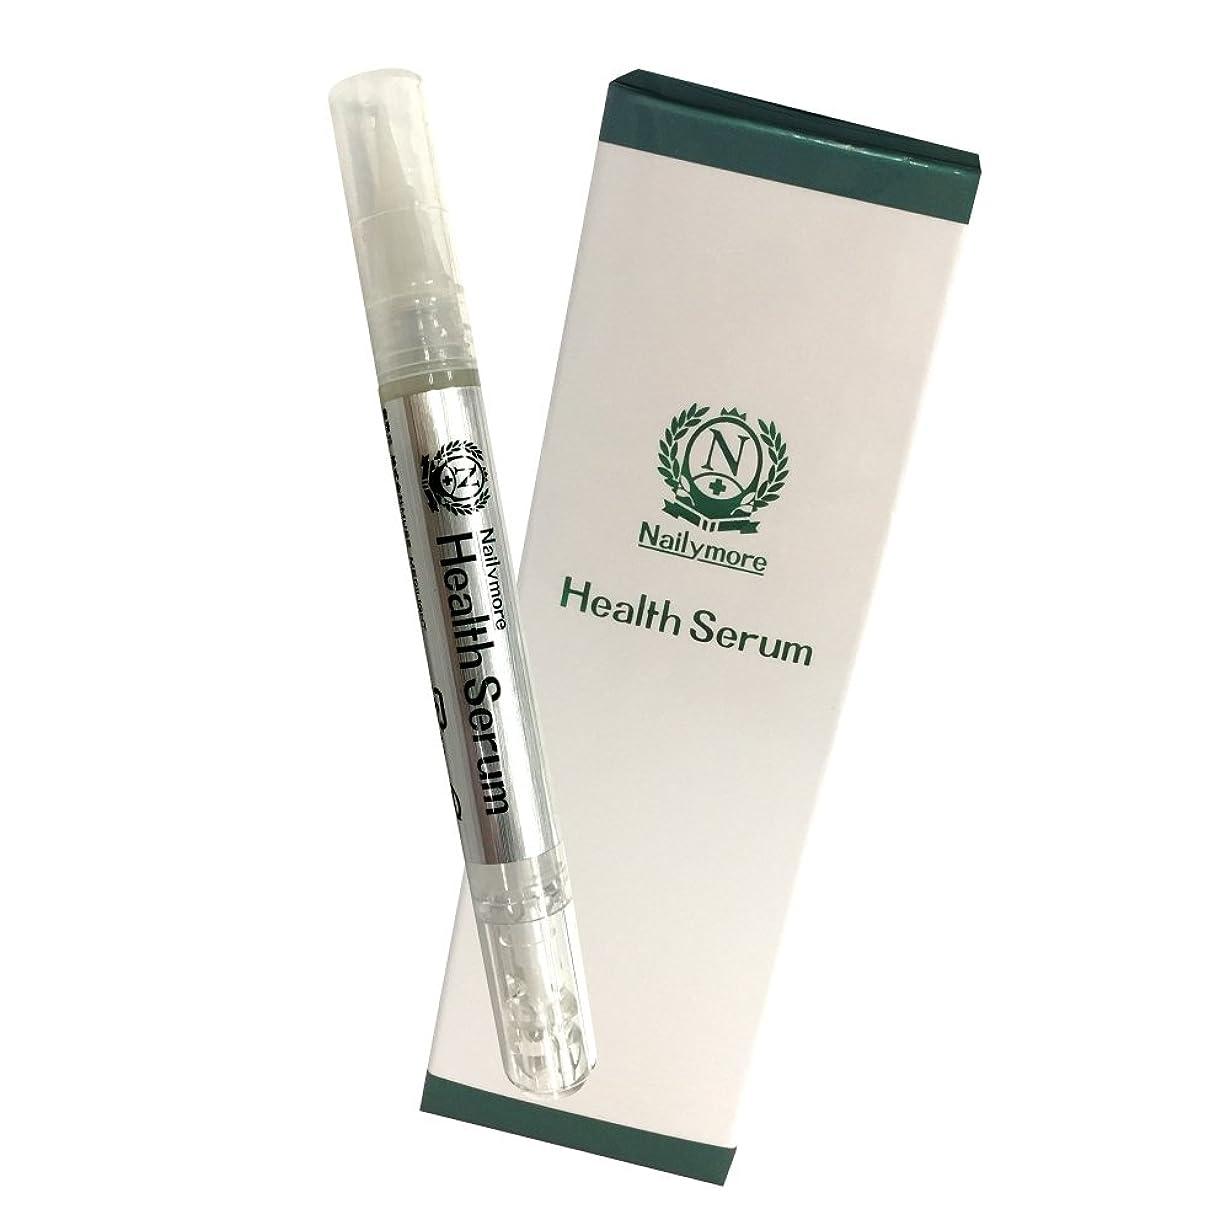 パン新着部分的にヘルスセラム 爪用美容液 Health Serum